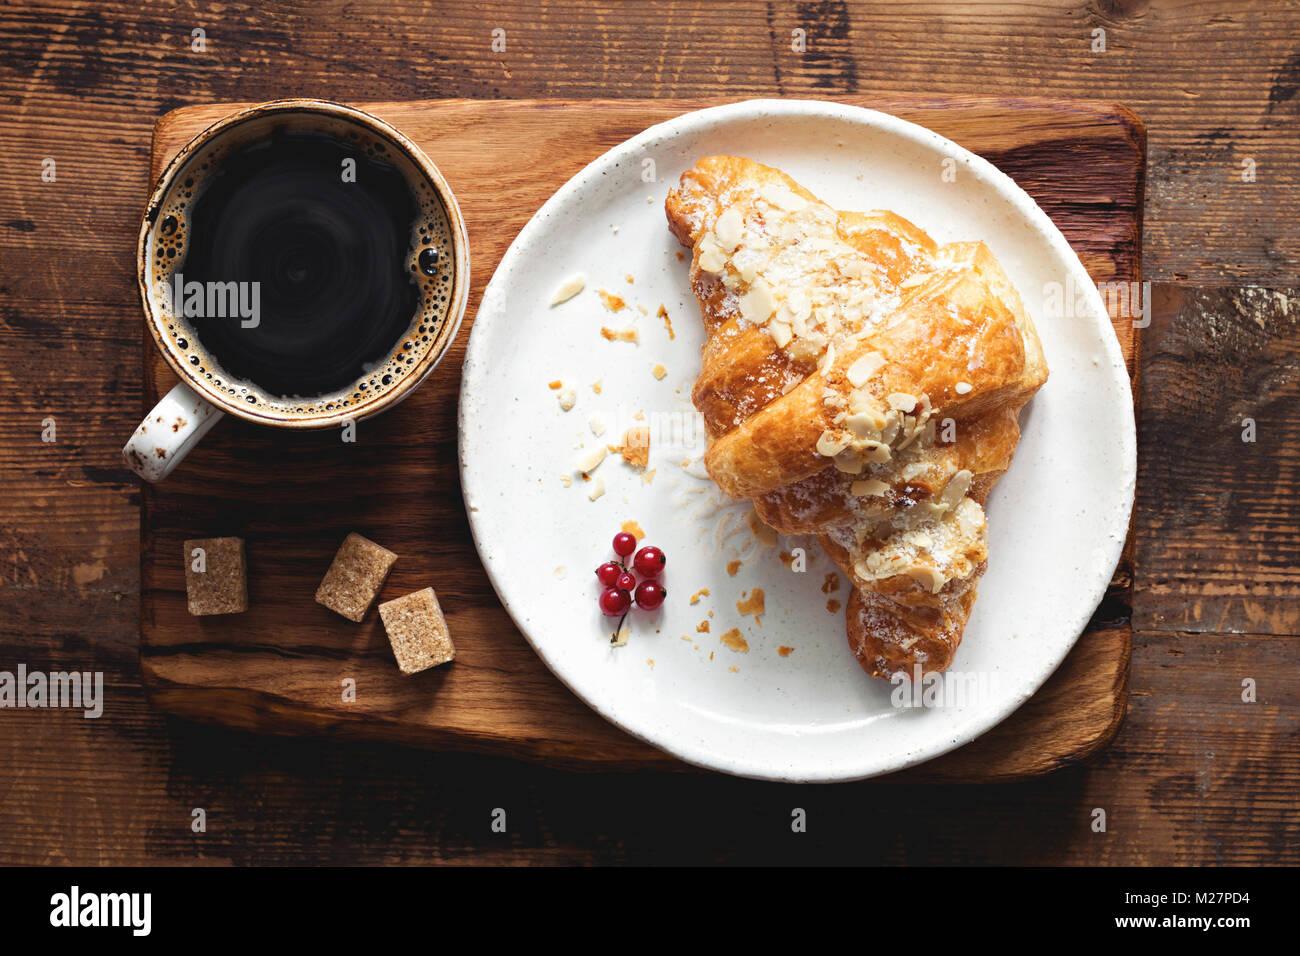 Croissant e la tazza di caffè espresso sul vecchio tavolo in legno. Vista dall'alto. Concetto di colazione Immagini Stock